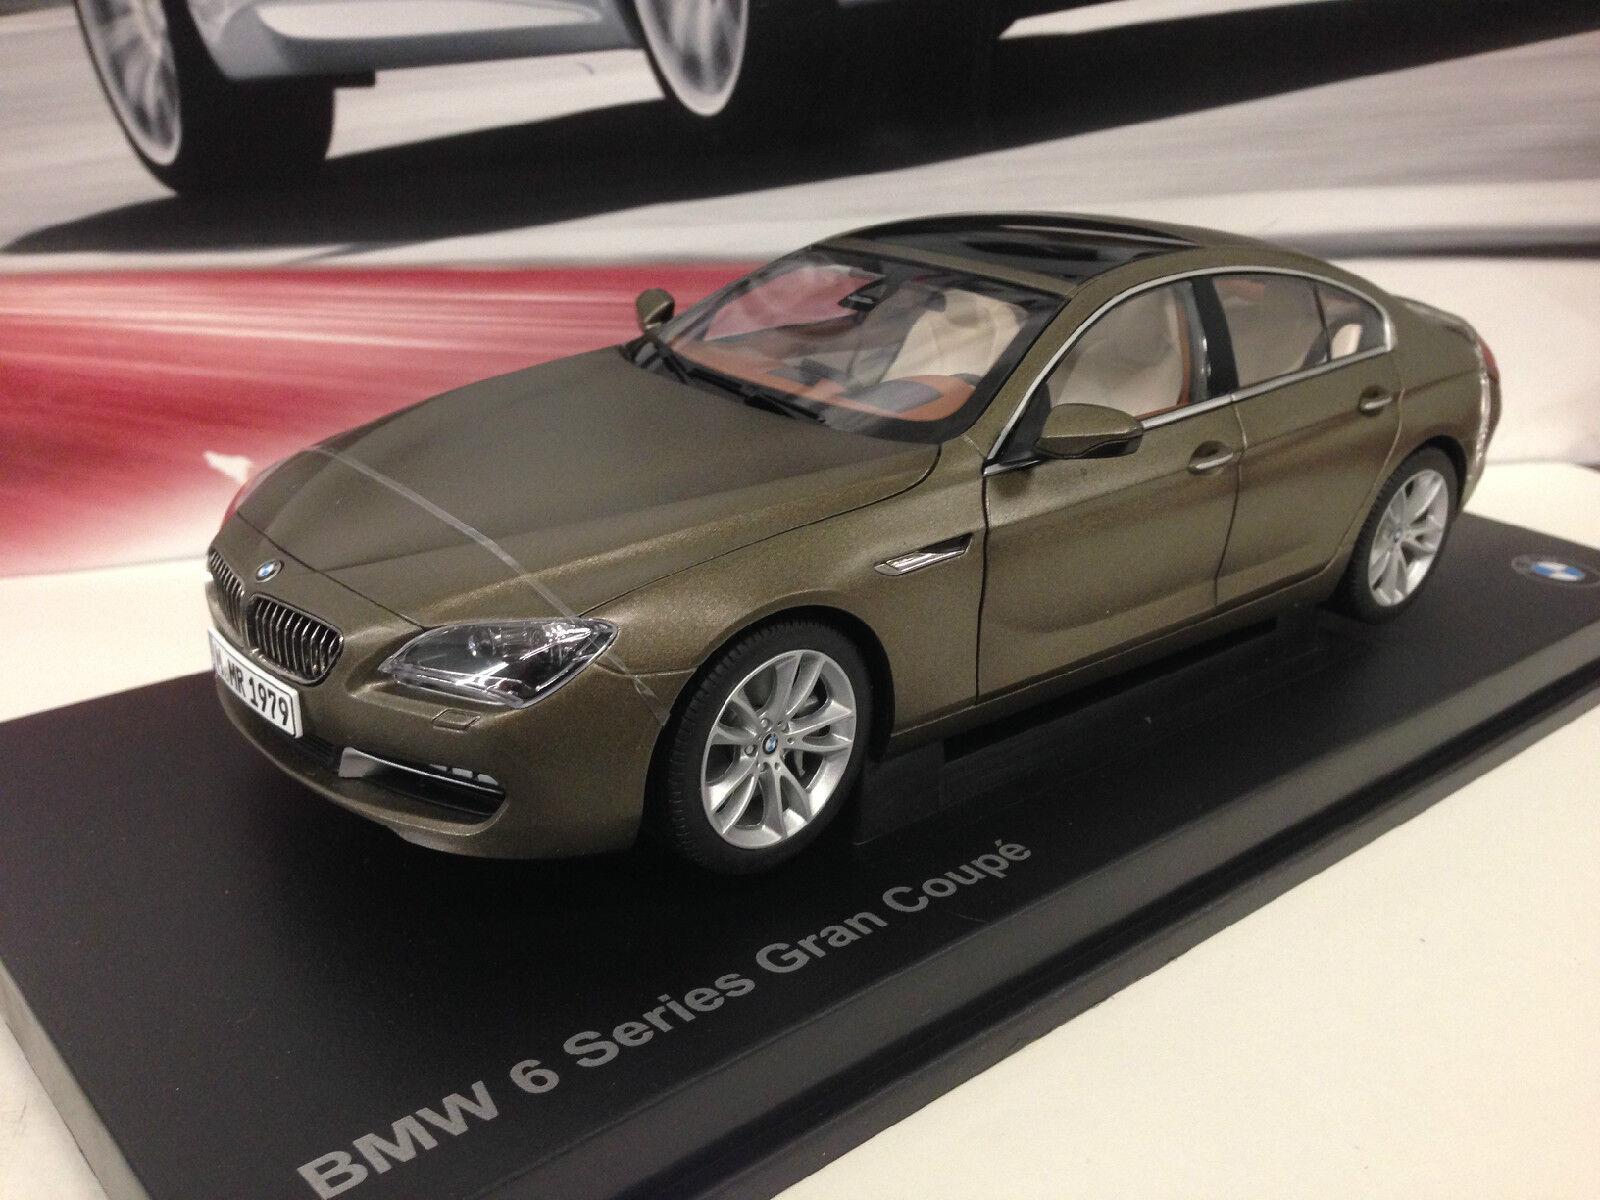 Con 100% de calidad y servicio de% 100. 2014 Bmw 6 Series F06 F06 F06 Grand Coupe congelados Bronce 1 18th fábrica BMW Diecast  gran selección y entrega rápida